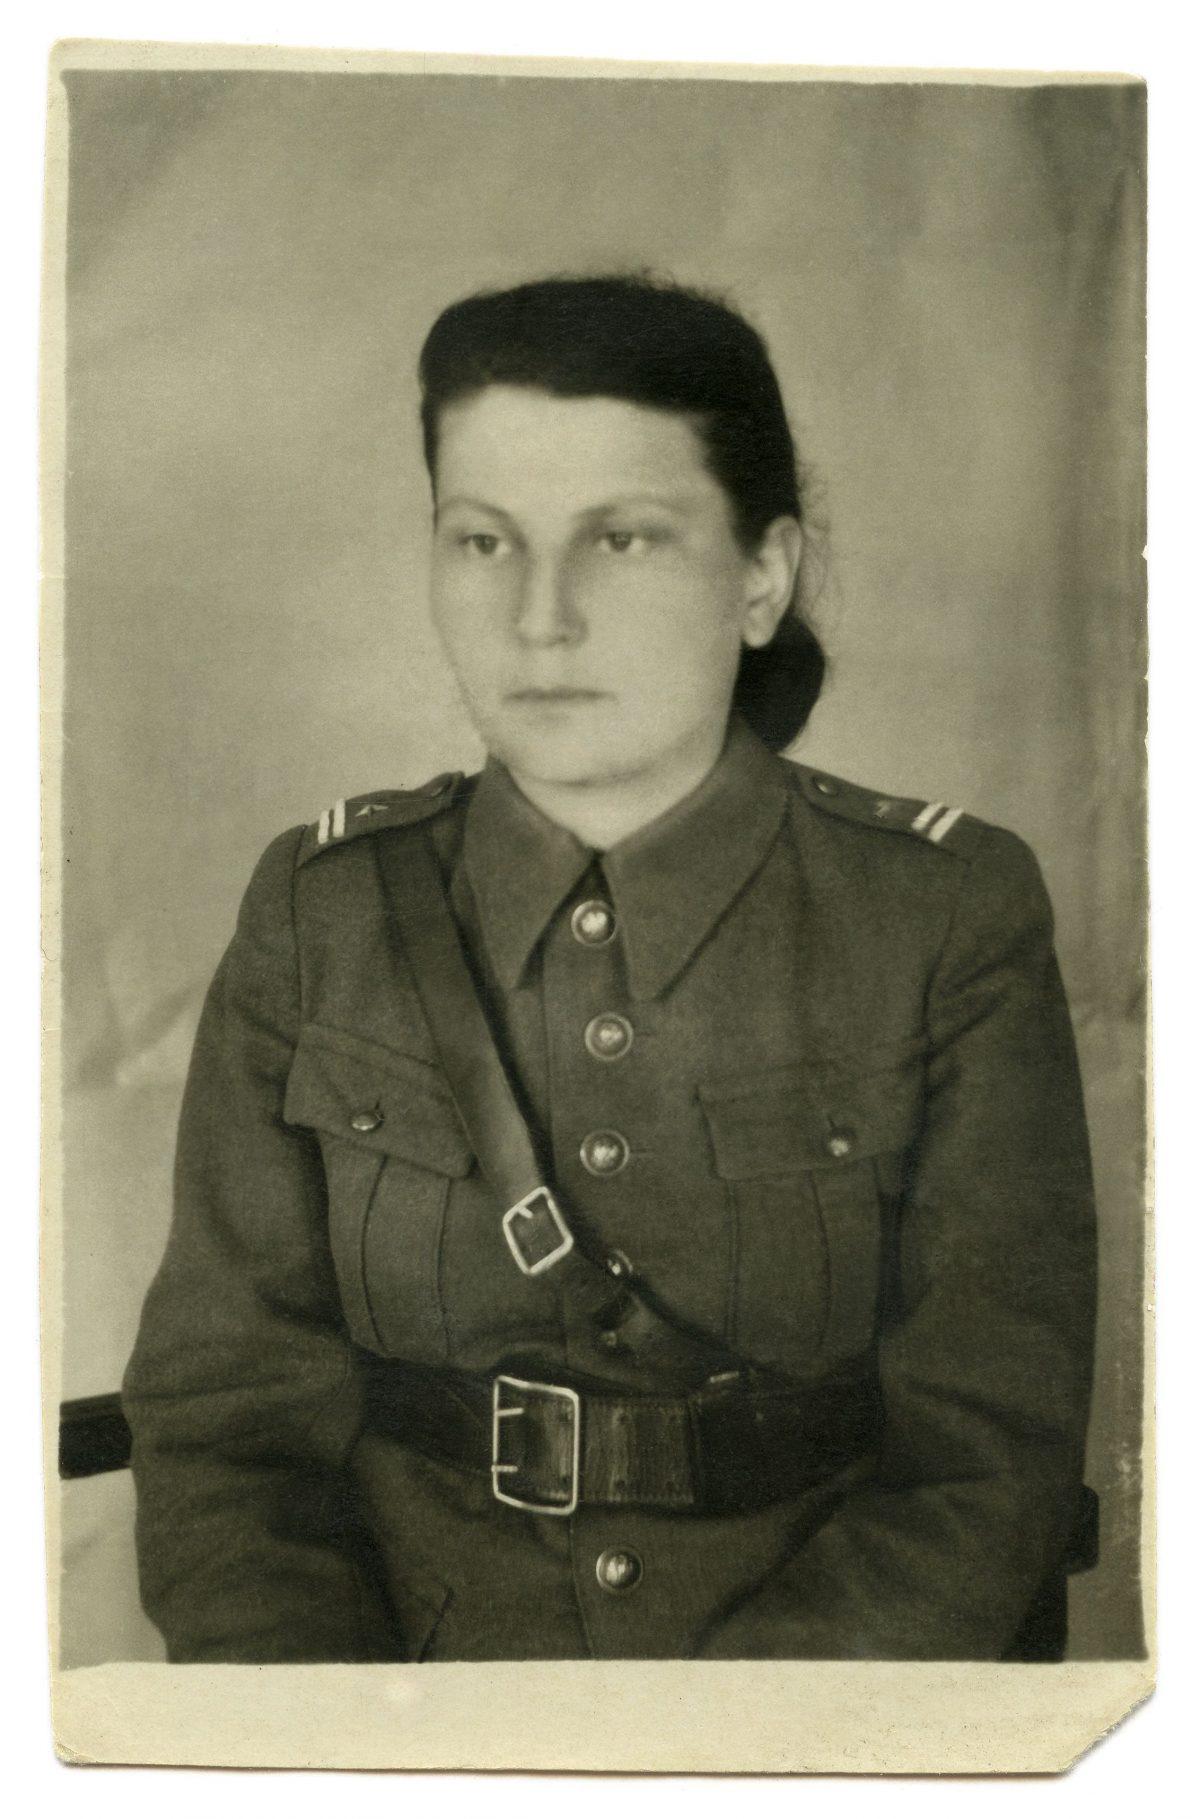 1945. Stanisława Sowińska. Fot. ze zbiorów Elżbiety Horodyskiej